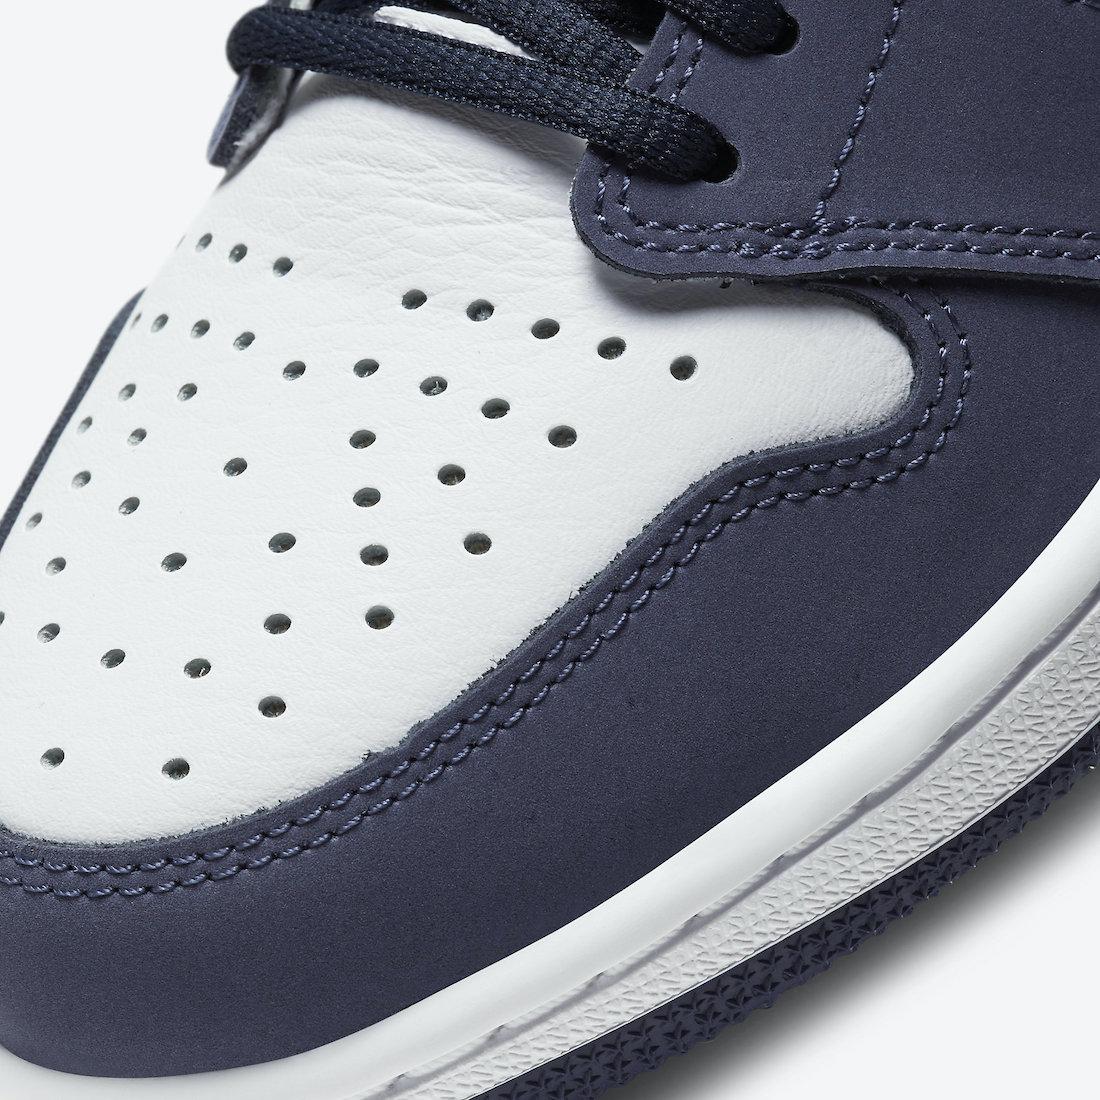 ナイキ エア ジョーダン ミッドナイト ネイビー ジャパン 企画 日本 限定 Nike Air Jordan 1 CO.JP Midnight Navy DC1788-100 closer look toe